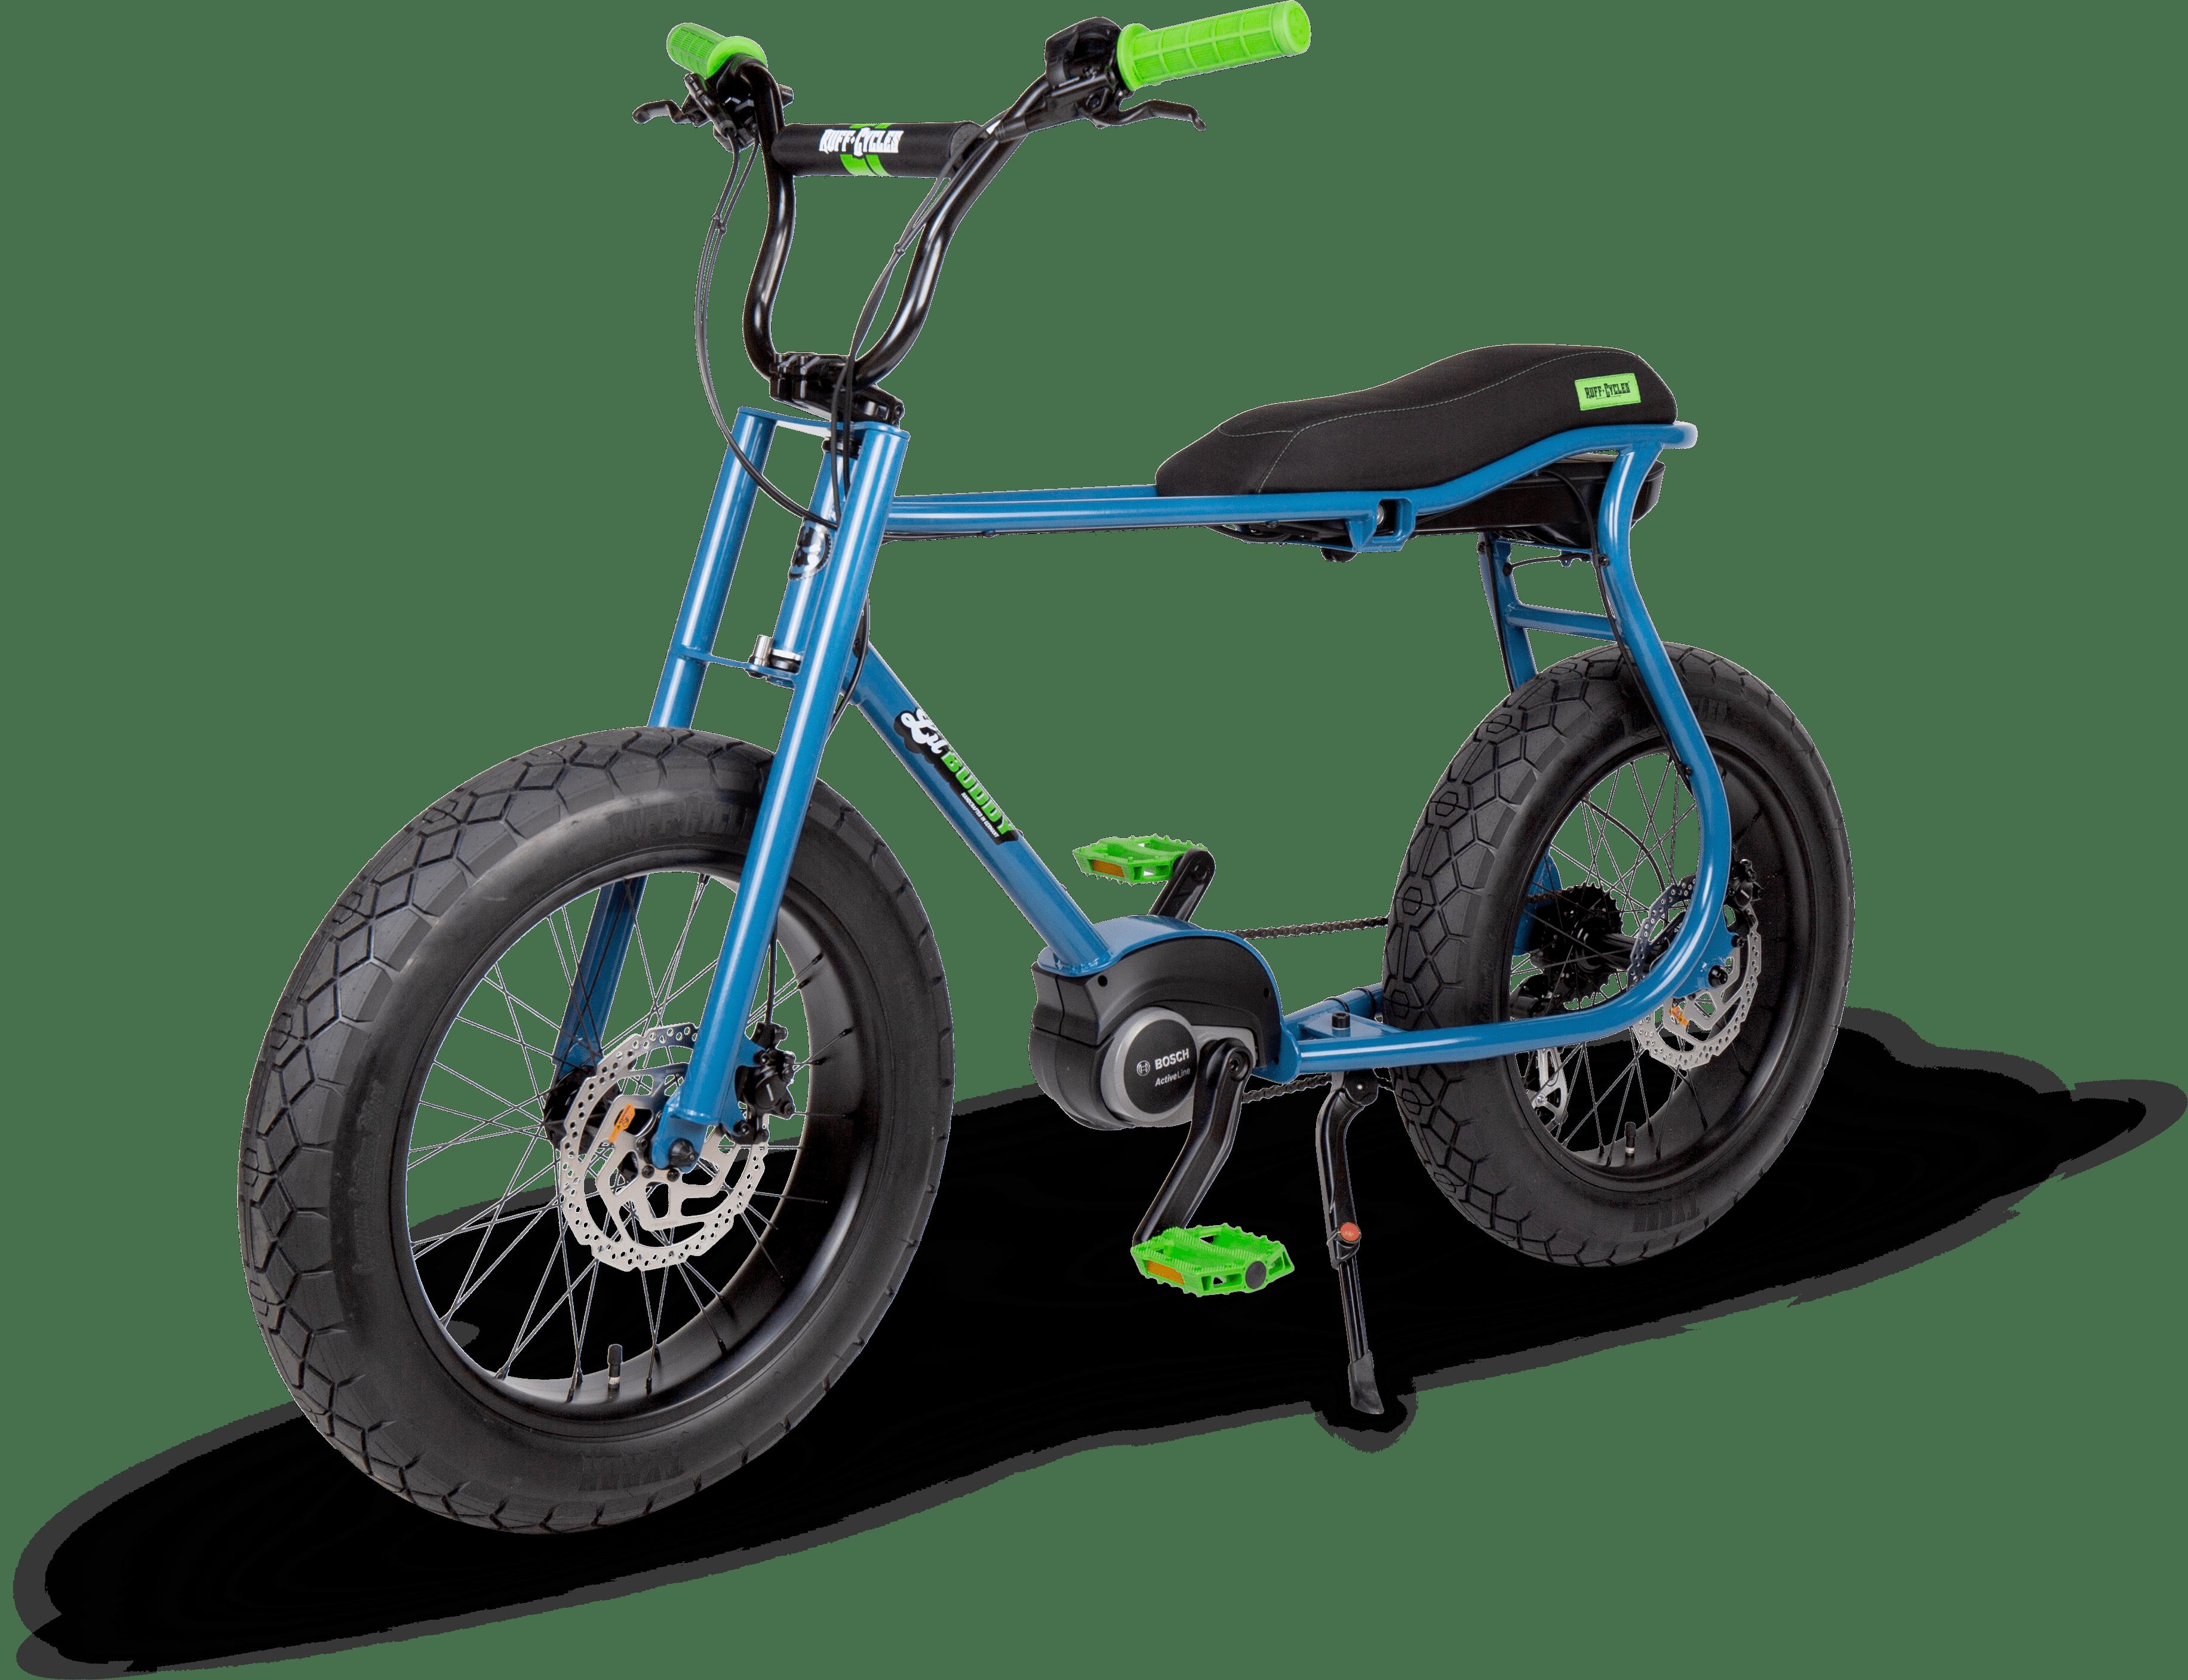 RUFF CYCLES Lil Buddy 2021 Azureblue - Angle Front-1